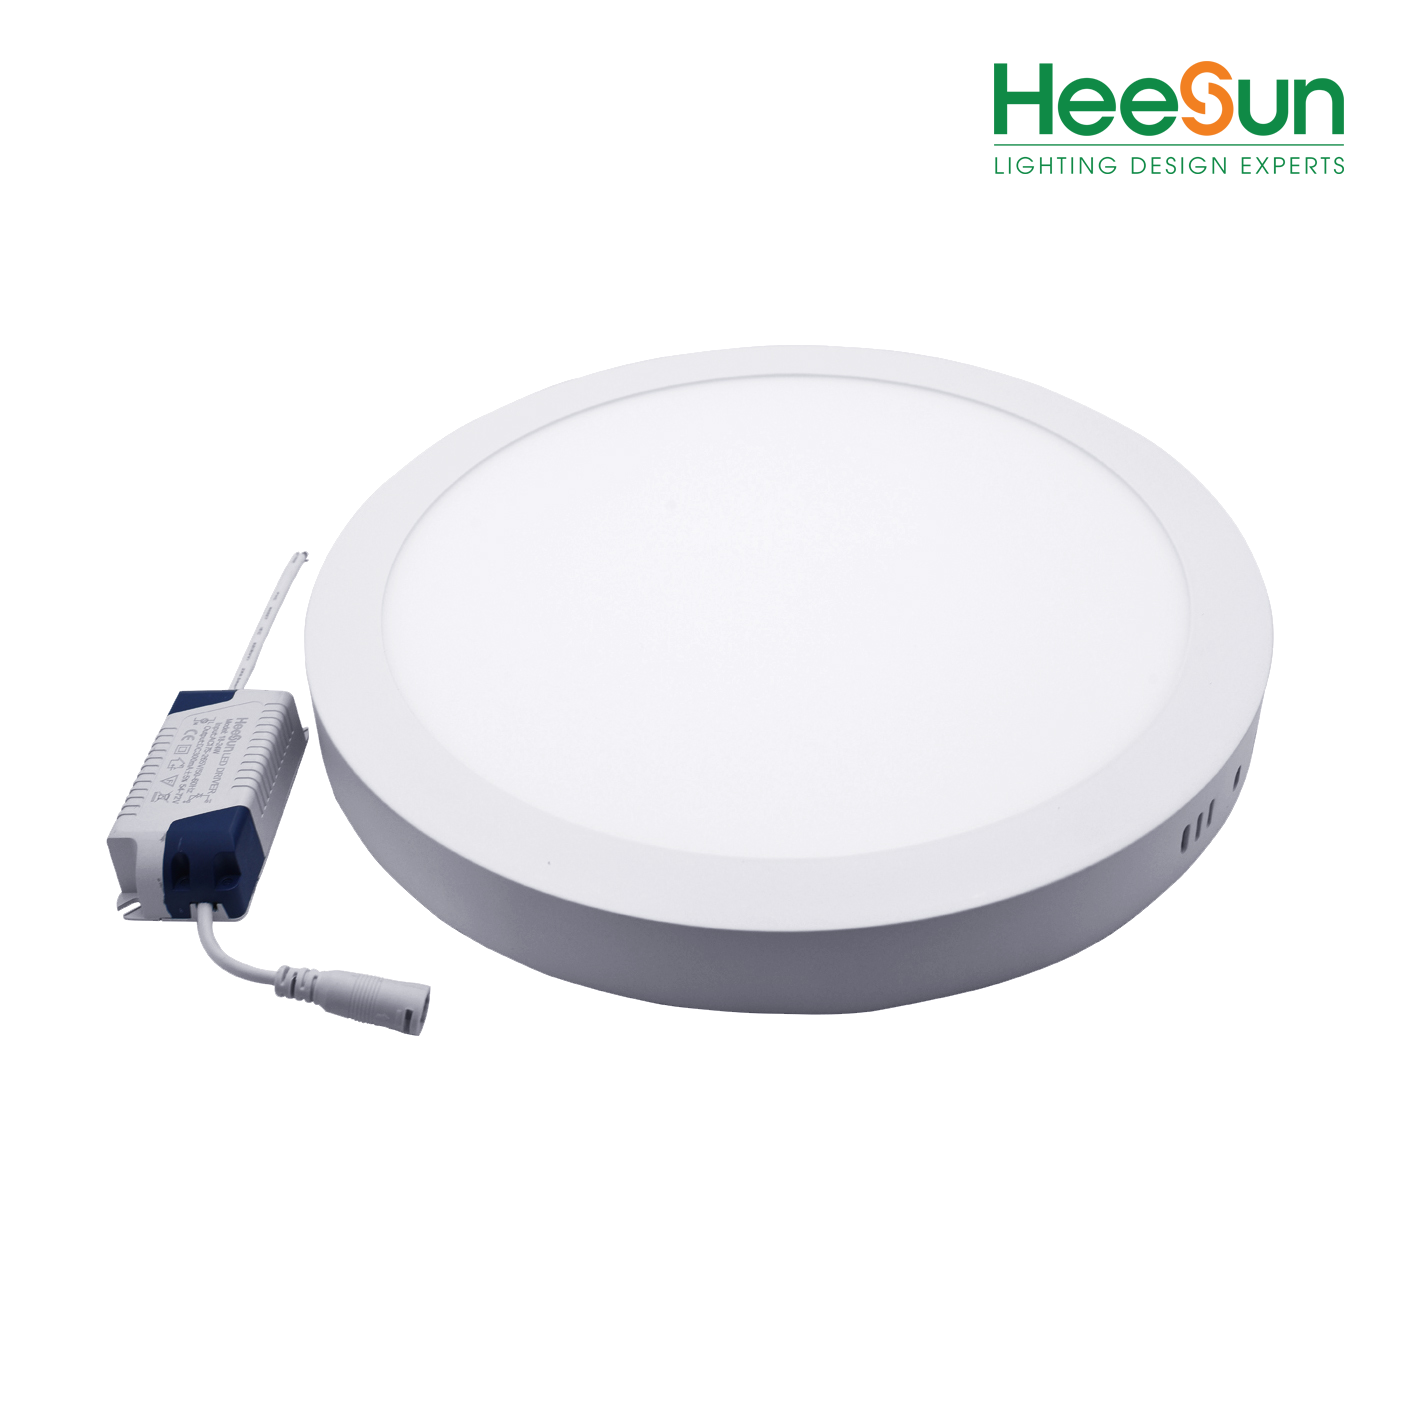 Đèn LED Panel tròn ốp nổi HS-POT24 - HEESUN VIỆT NAM